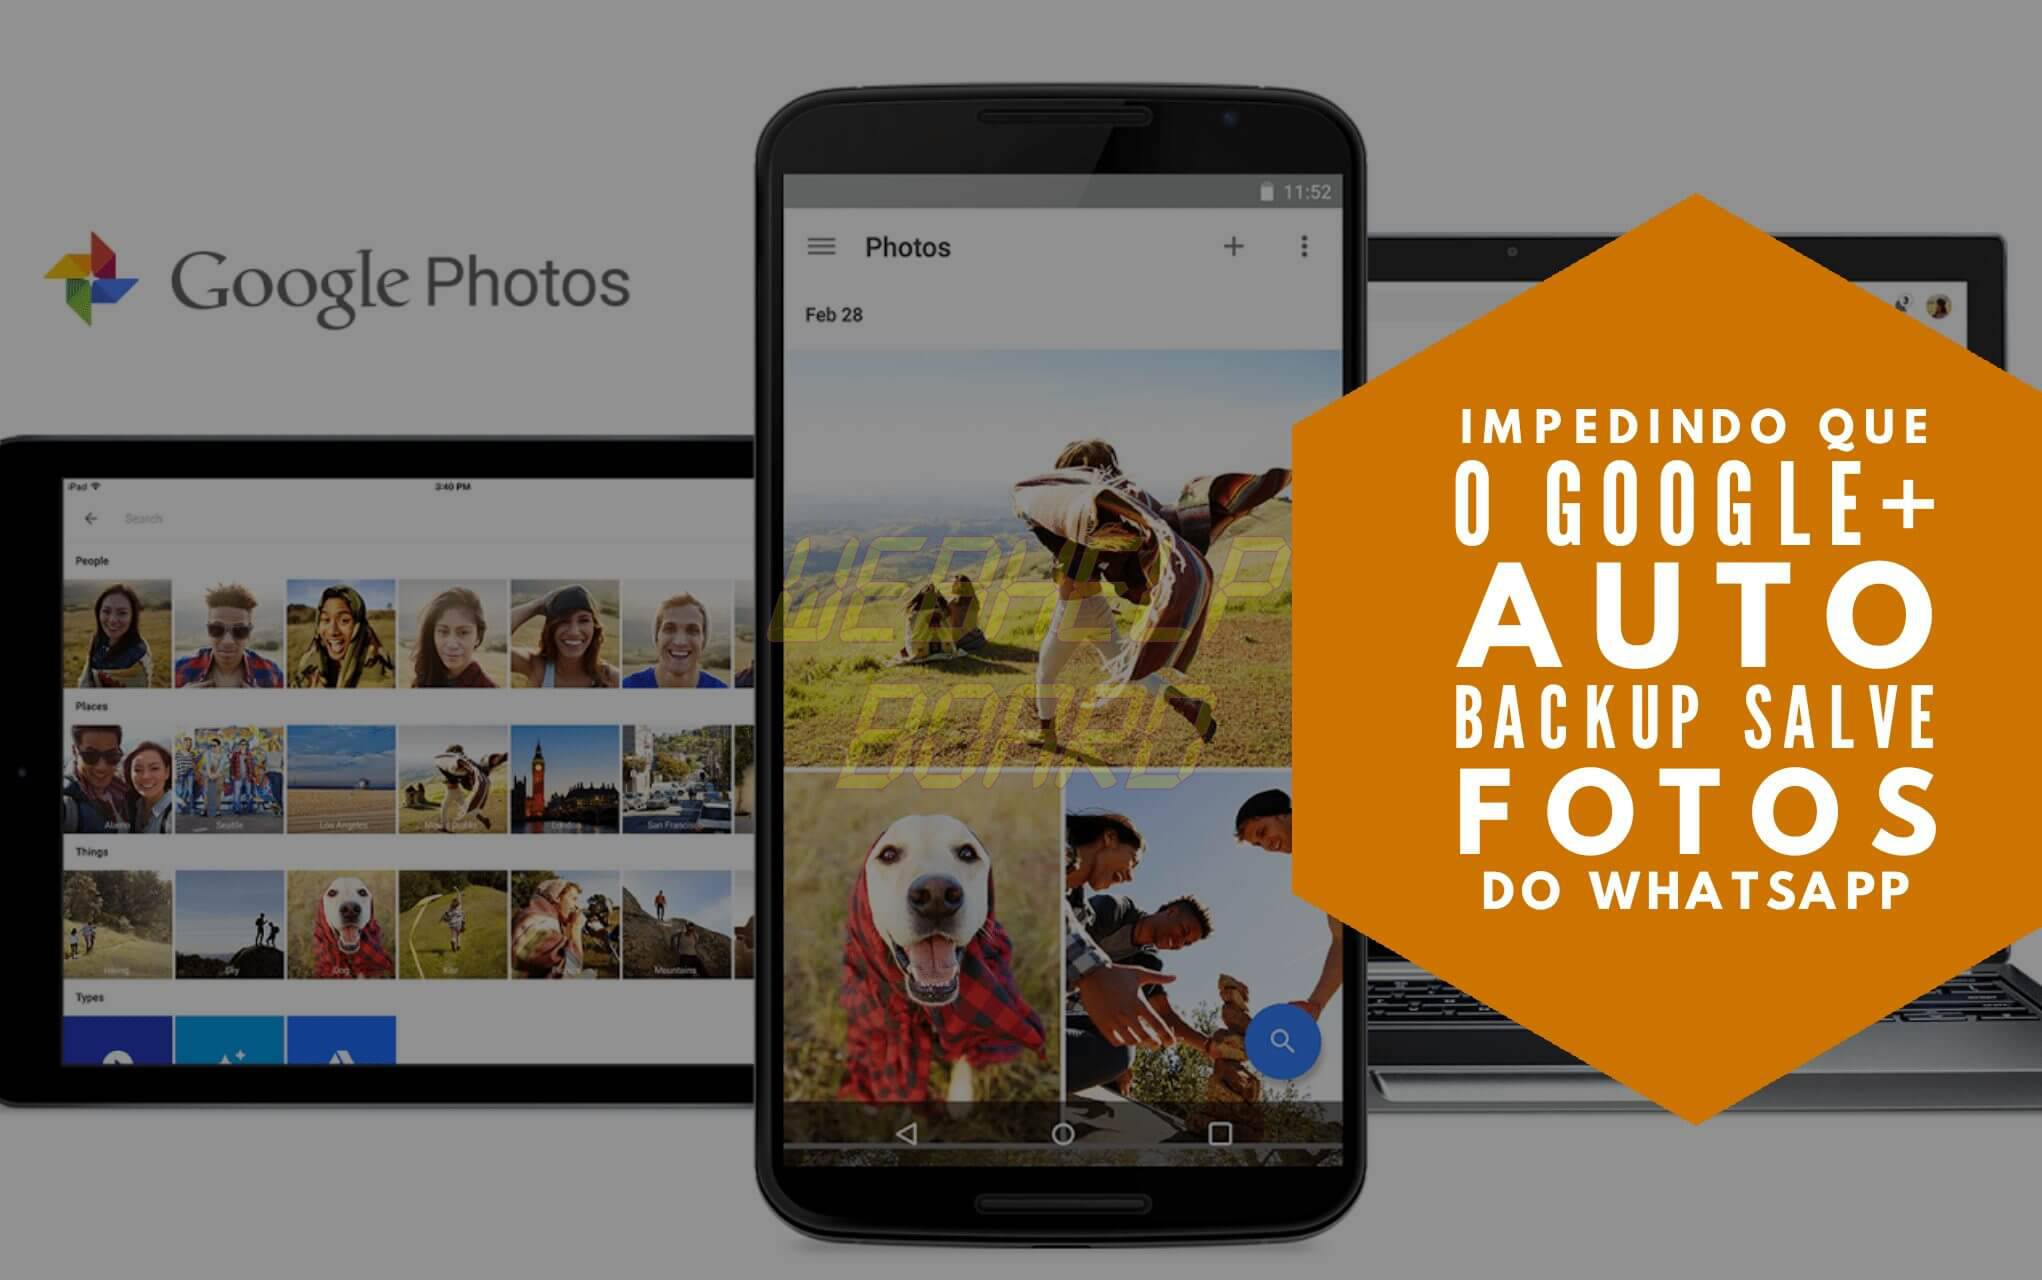 Impedindo o Google Auto backup de Salvar fotos do Whatsapp e1500829684678 - Tutorial: Impedindo que o Google+ Auto Backup salve fotos do Whatsapp